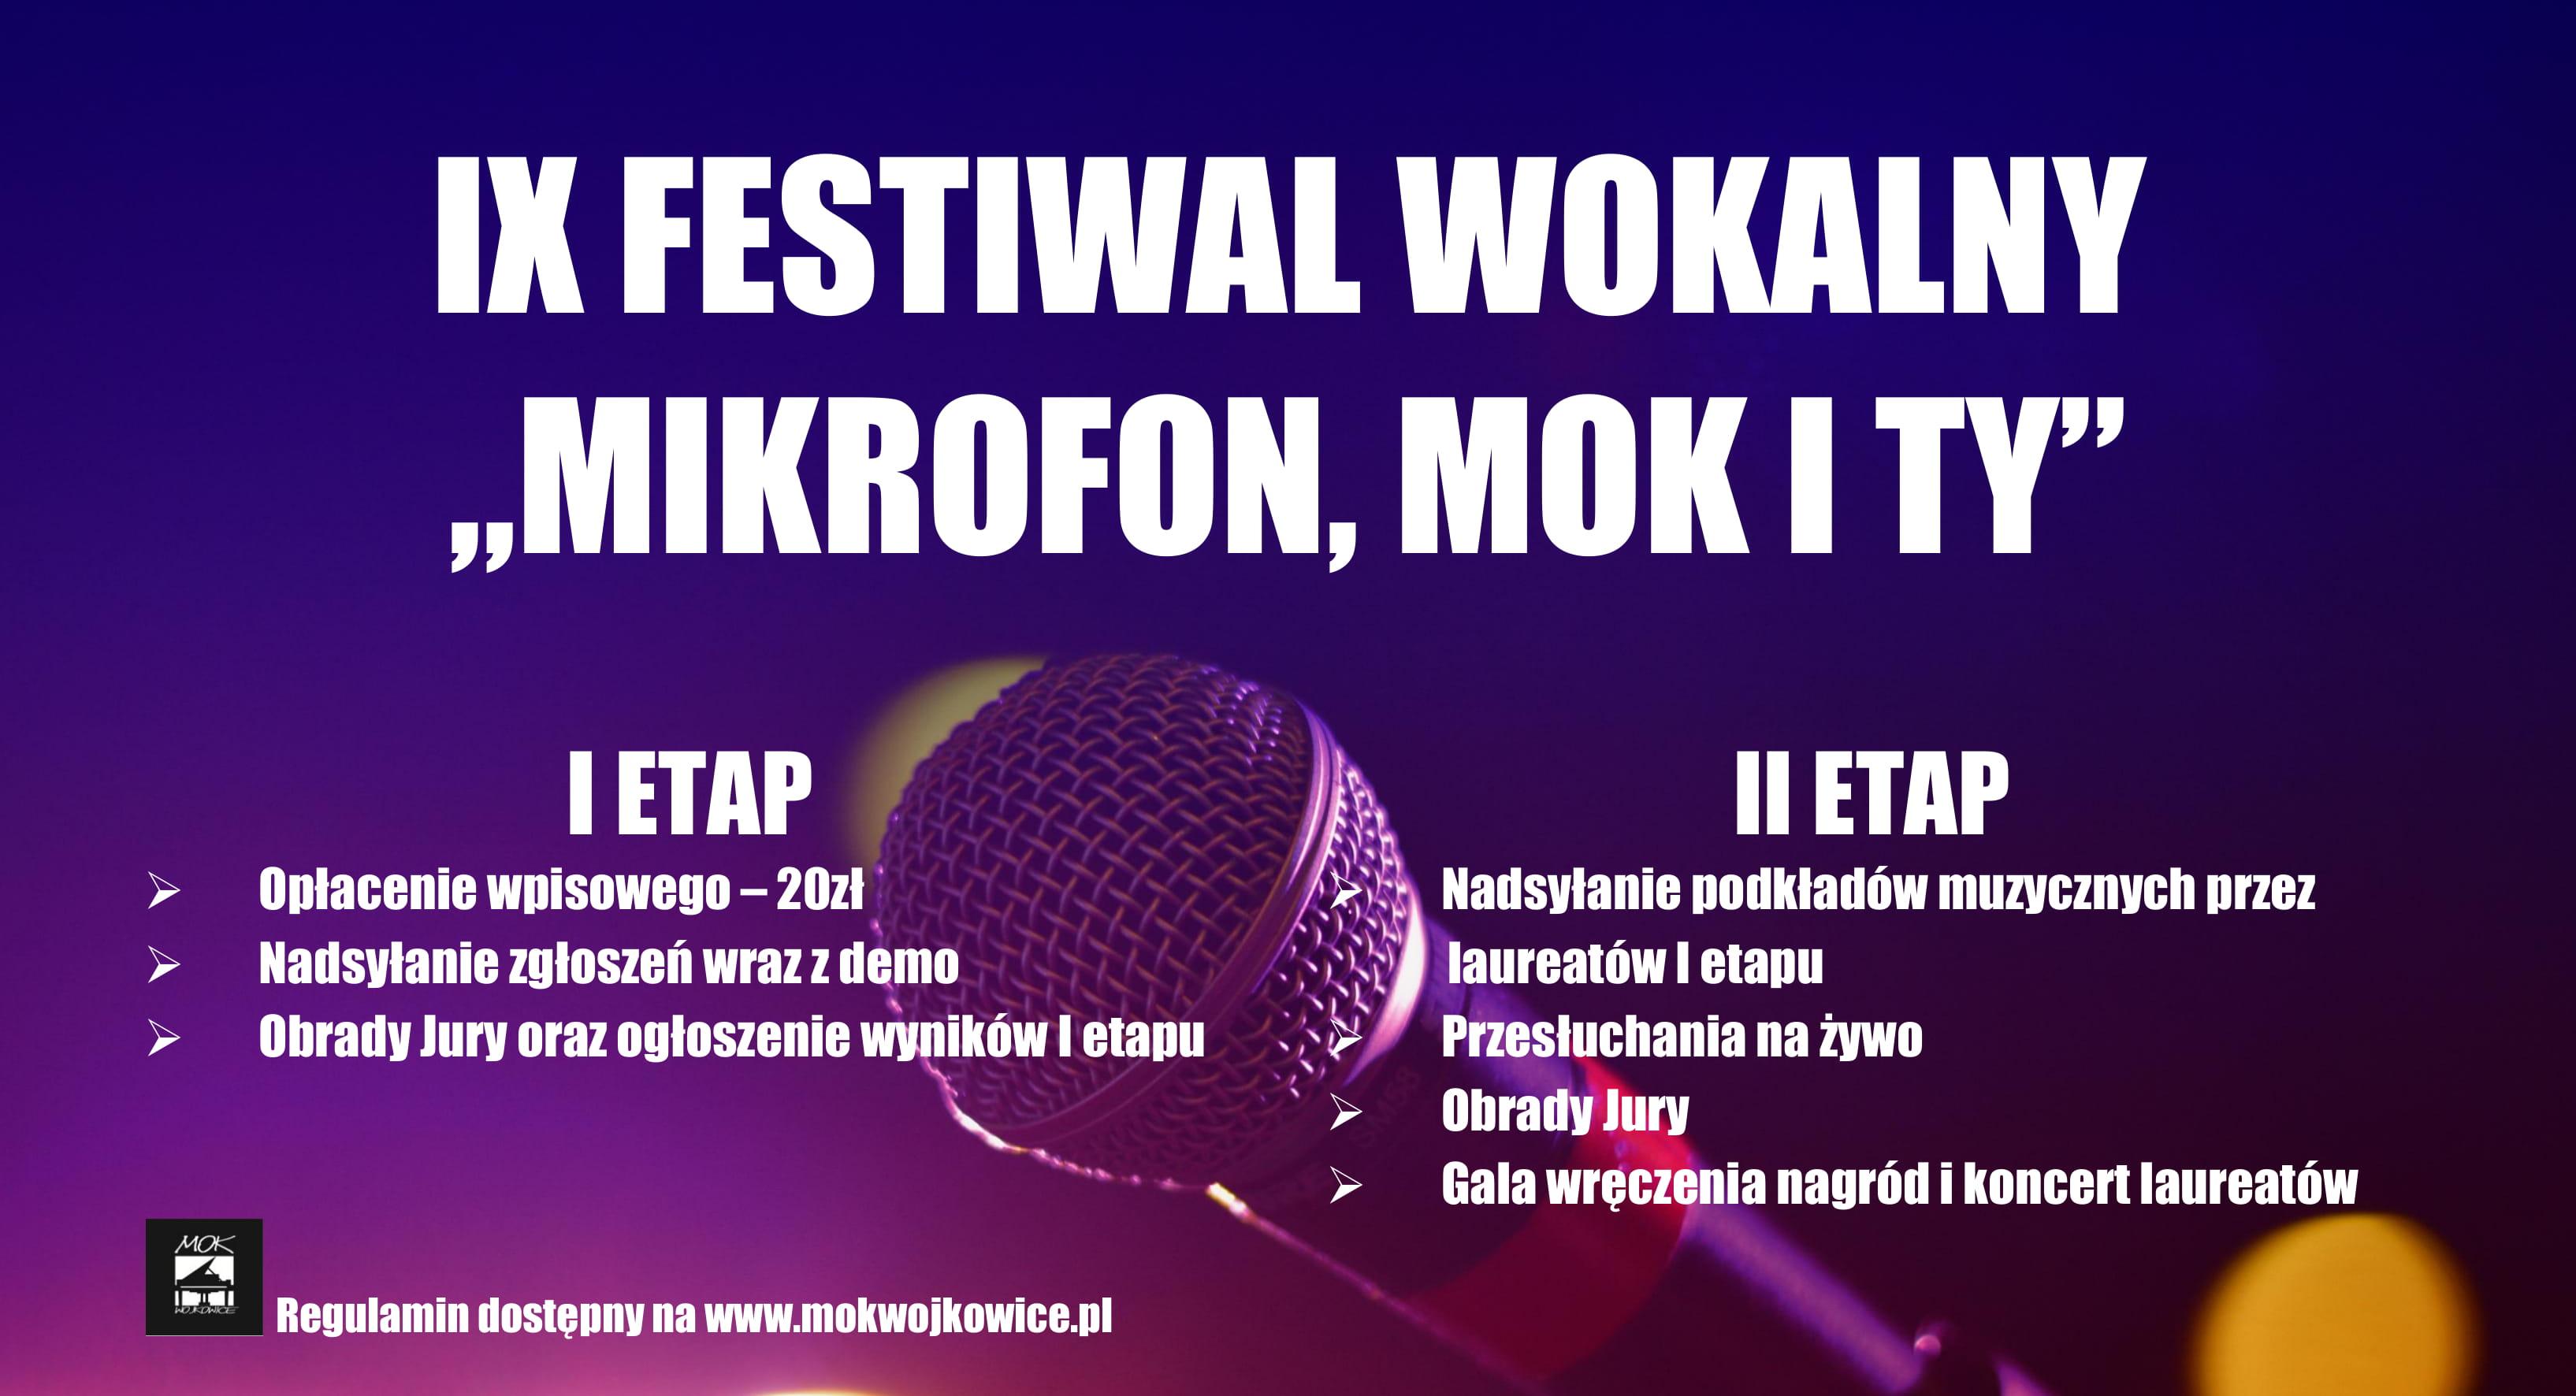 """Plakat do IX Festiwalu Wokalnego """"Mikrofon, MOK i Ty"""" 2020 organizowanego przez Miejski Ośrodek Kultury w Wojkowicach"""